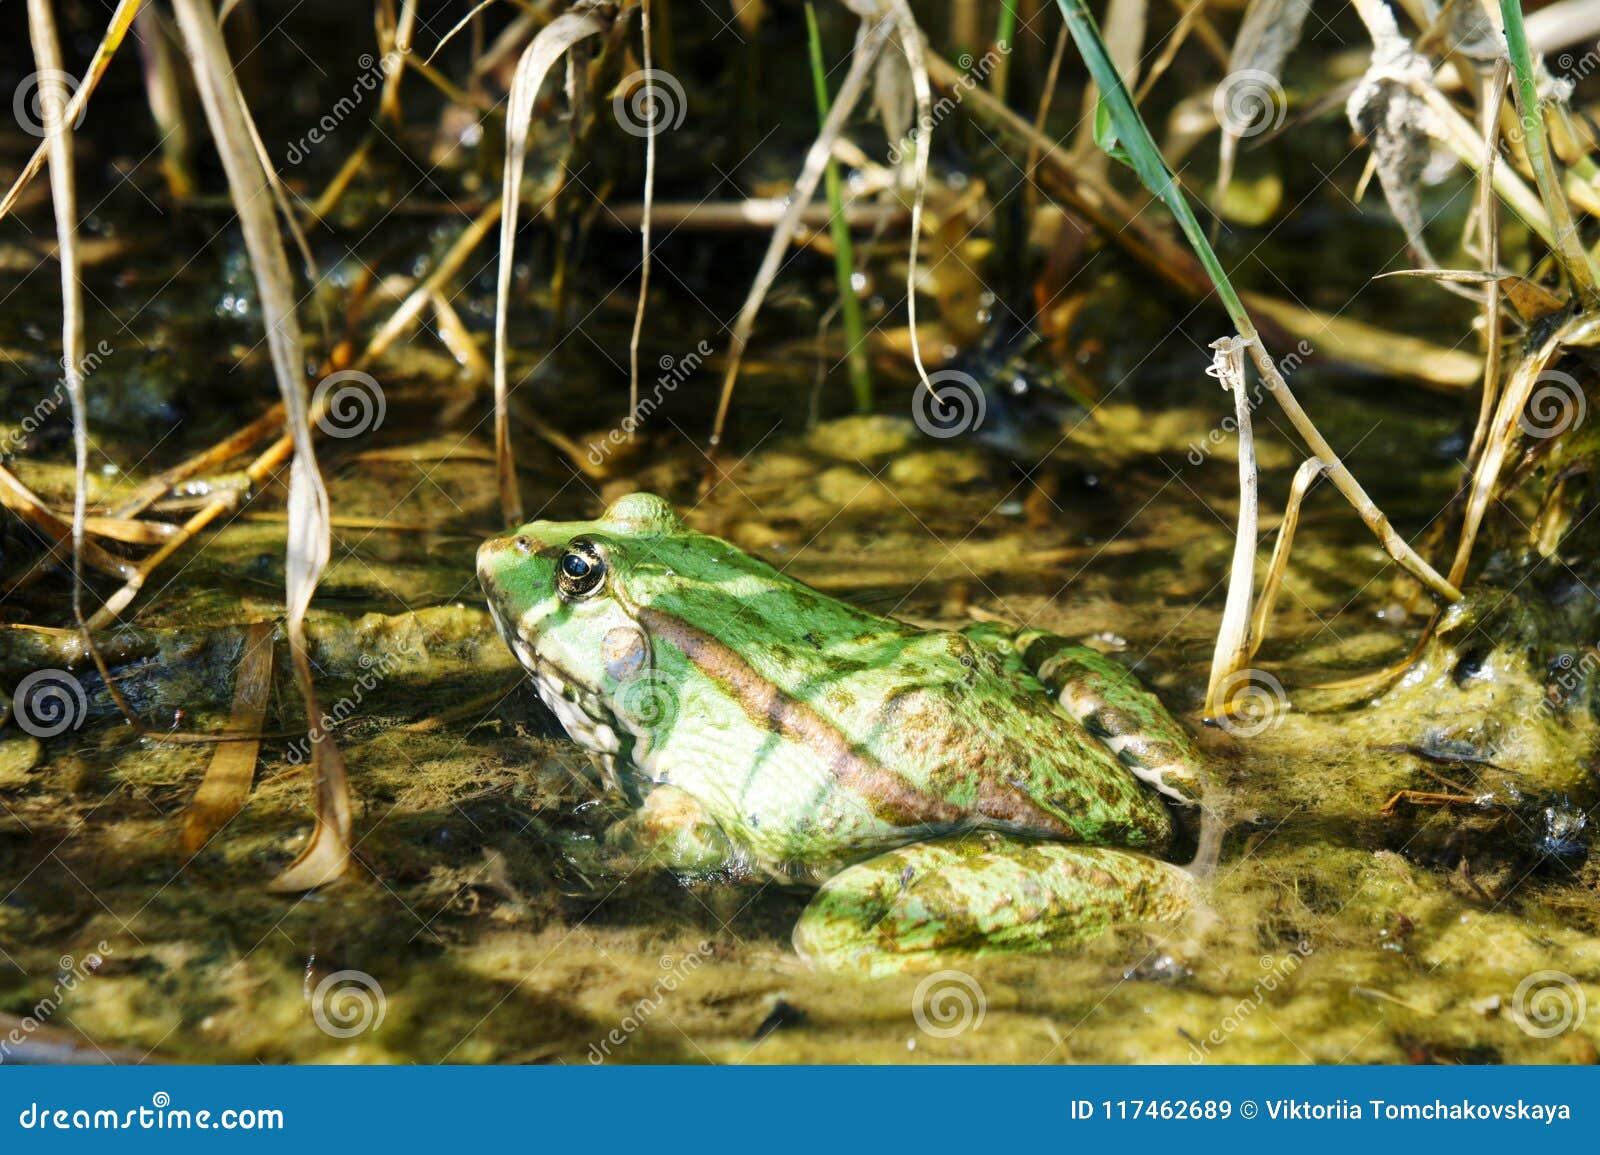 Een dikke groene padzitting in een vijver